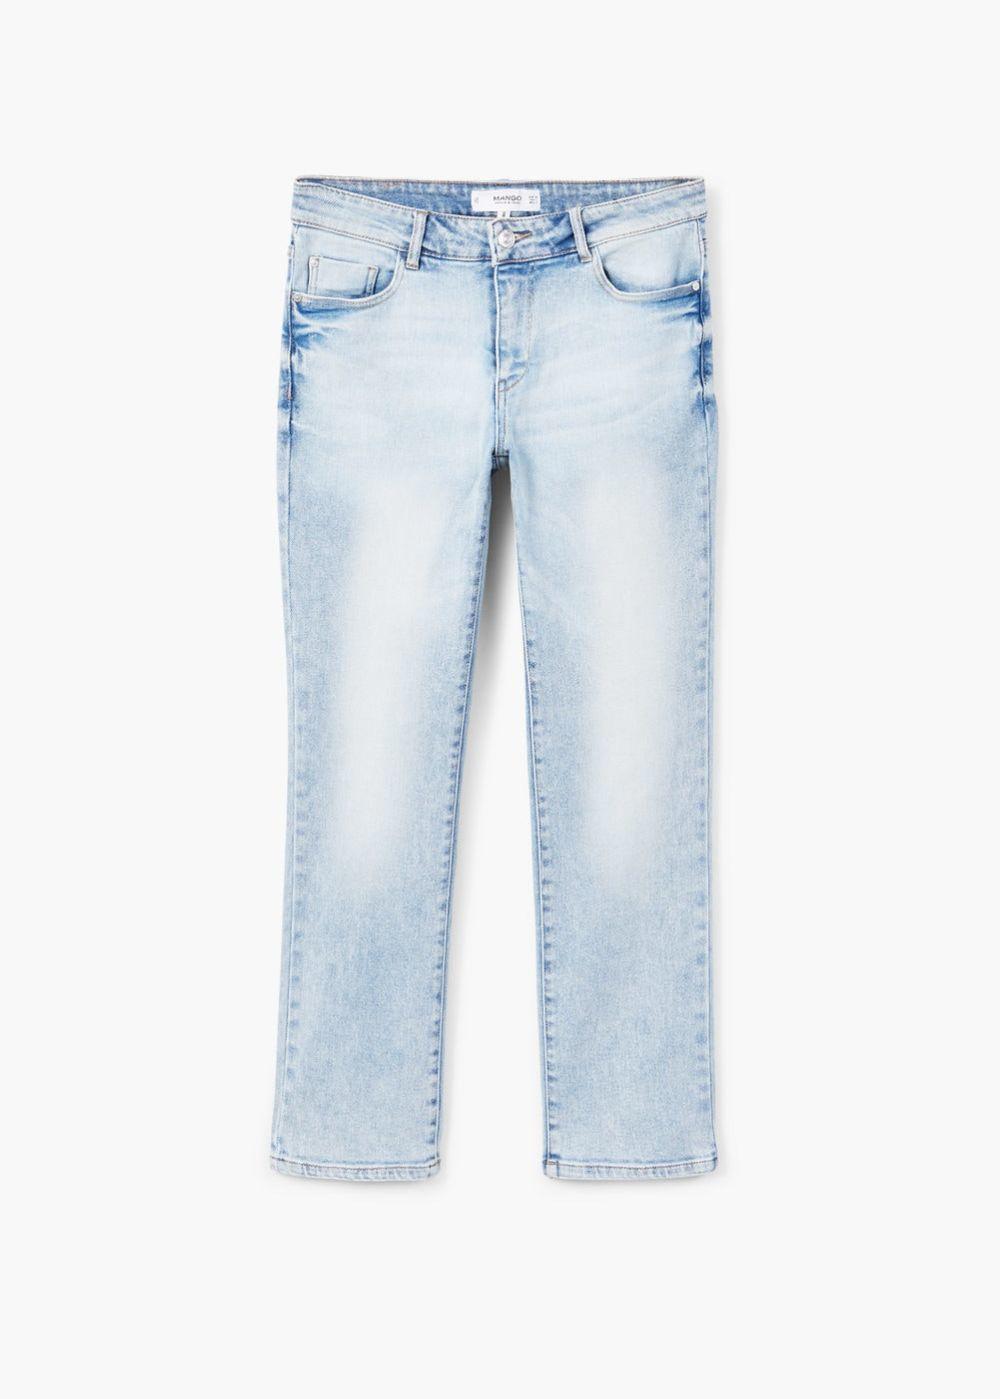 Vaqueros mum de Zara (29,99 euros)